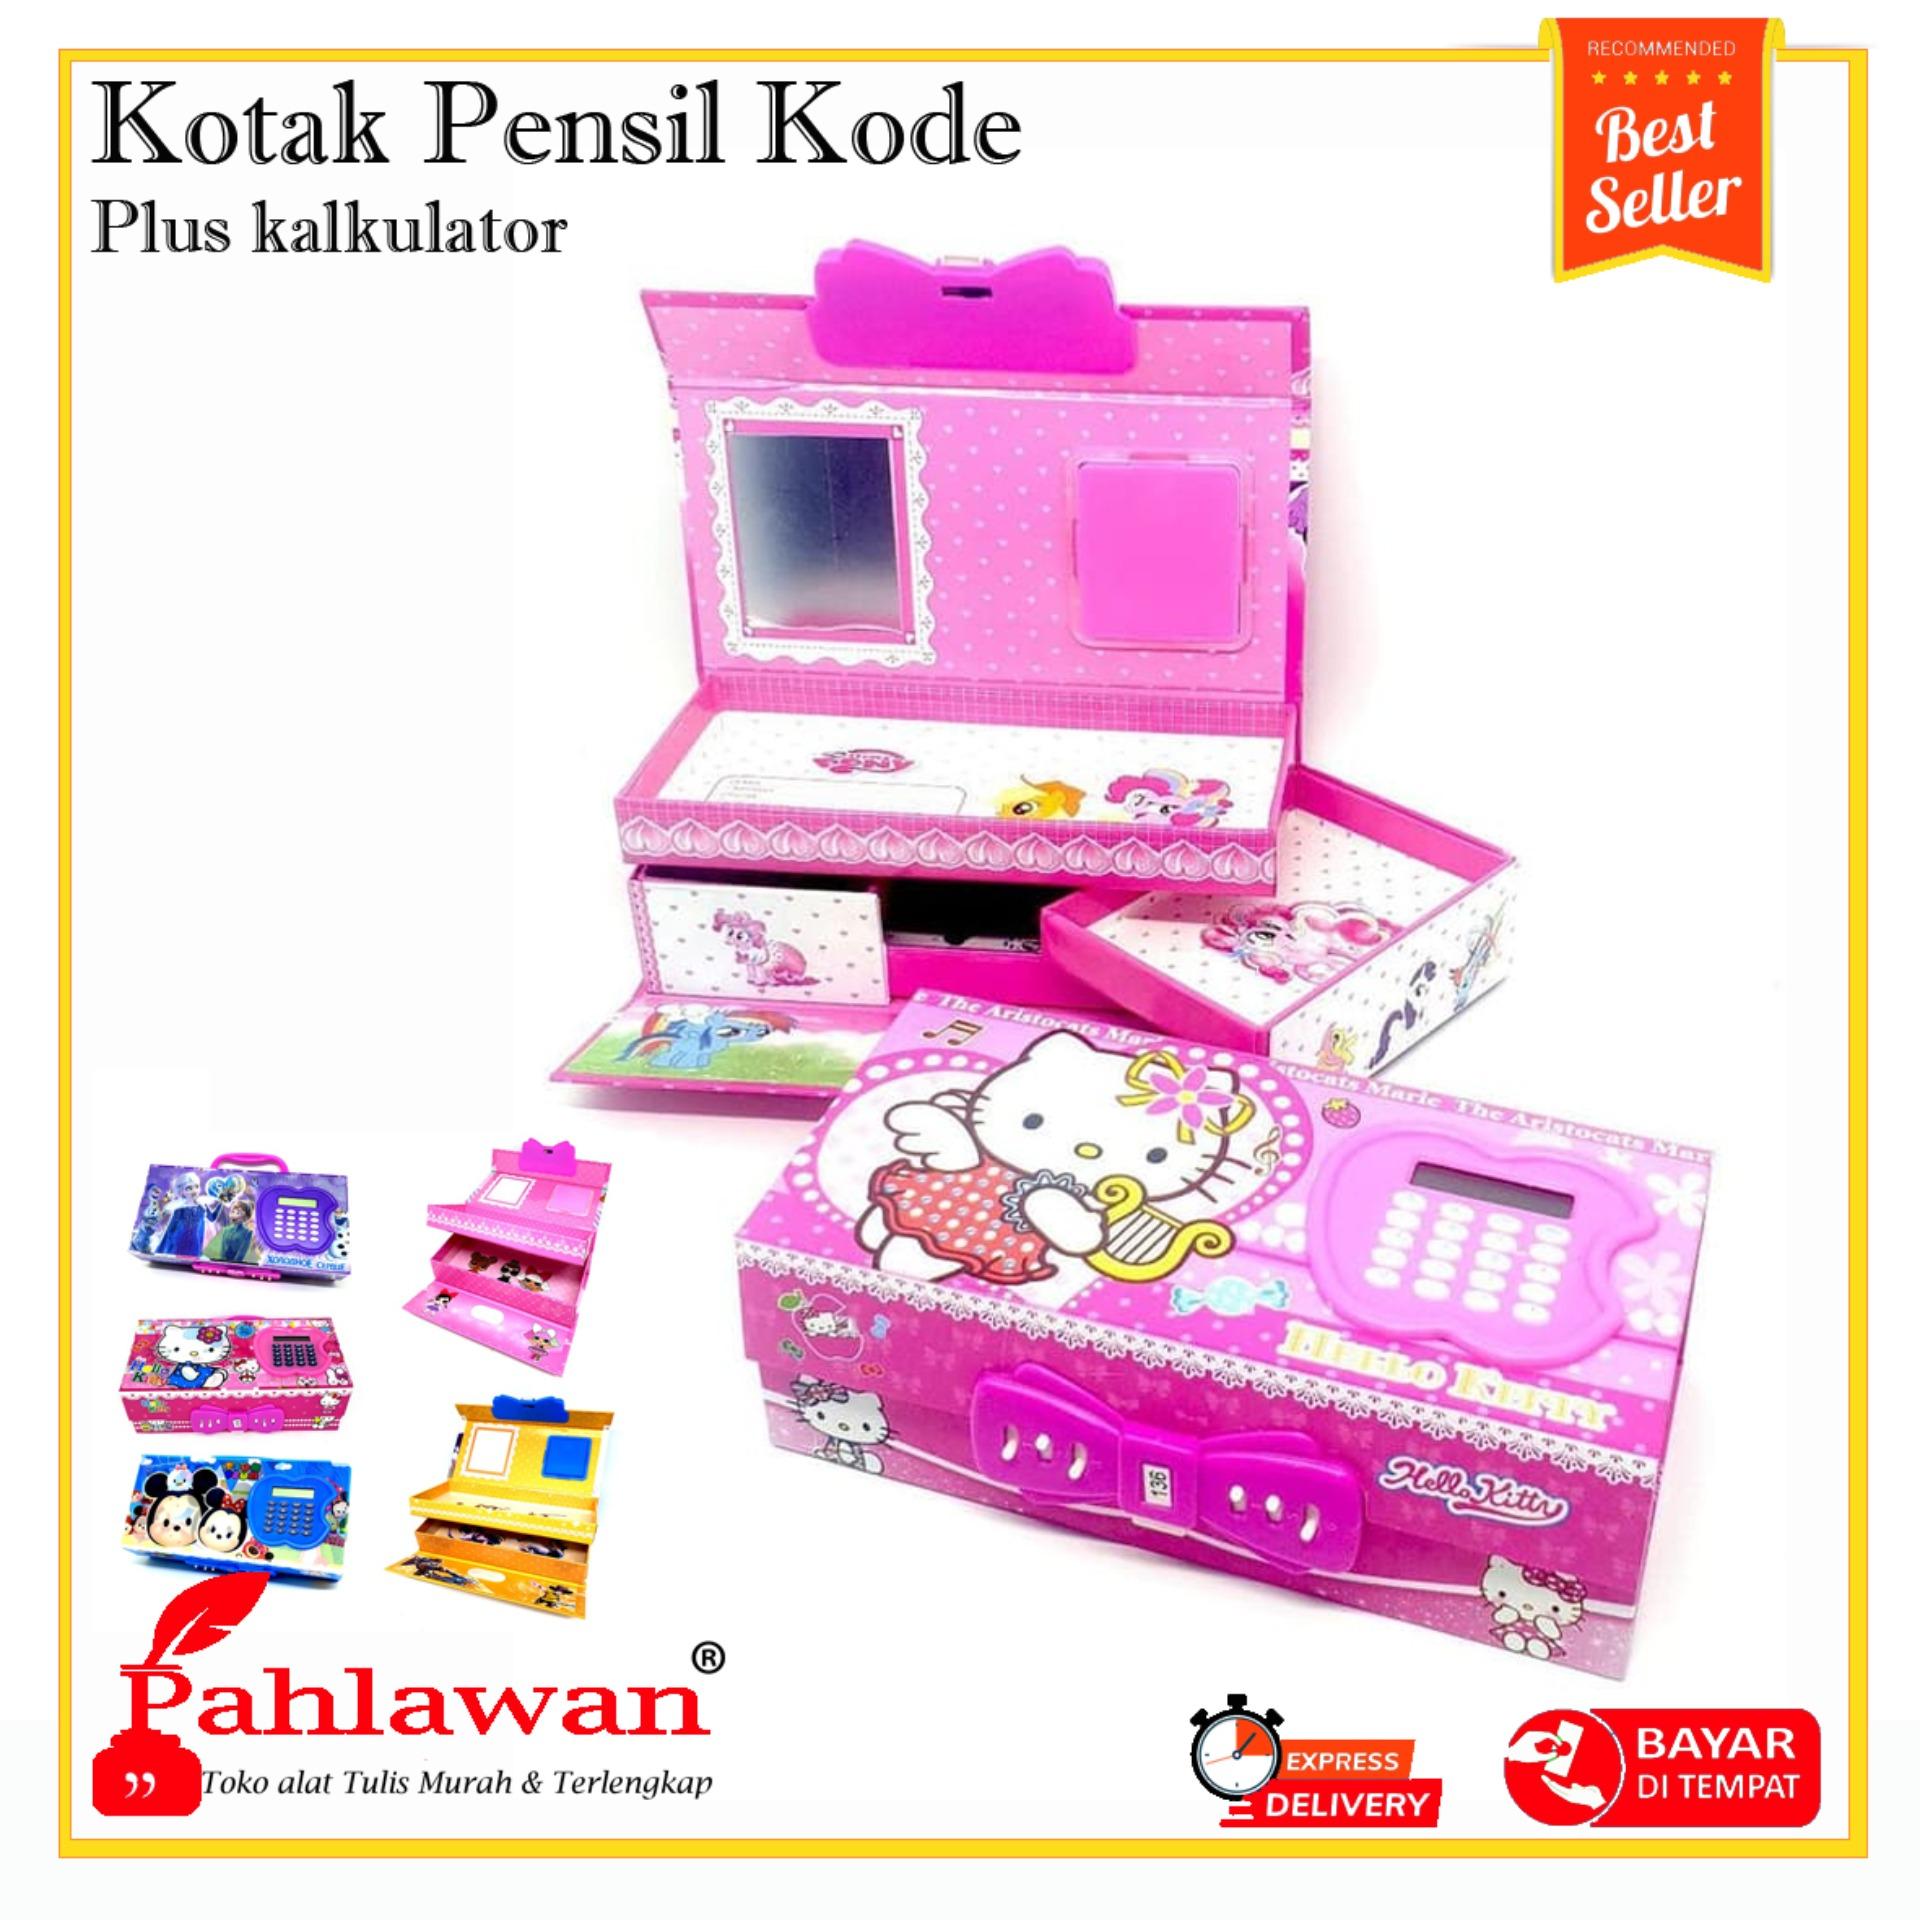 Kotak Pensil Tingkat Karakter 3d Kode Angka Plus Kalkulator Tepak Tempat Wadah Case Pulpen Atk Penghapus Penggaris Anak Cewek Cowok